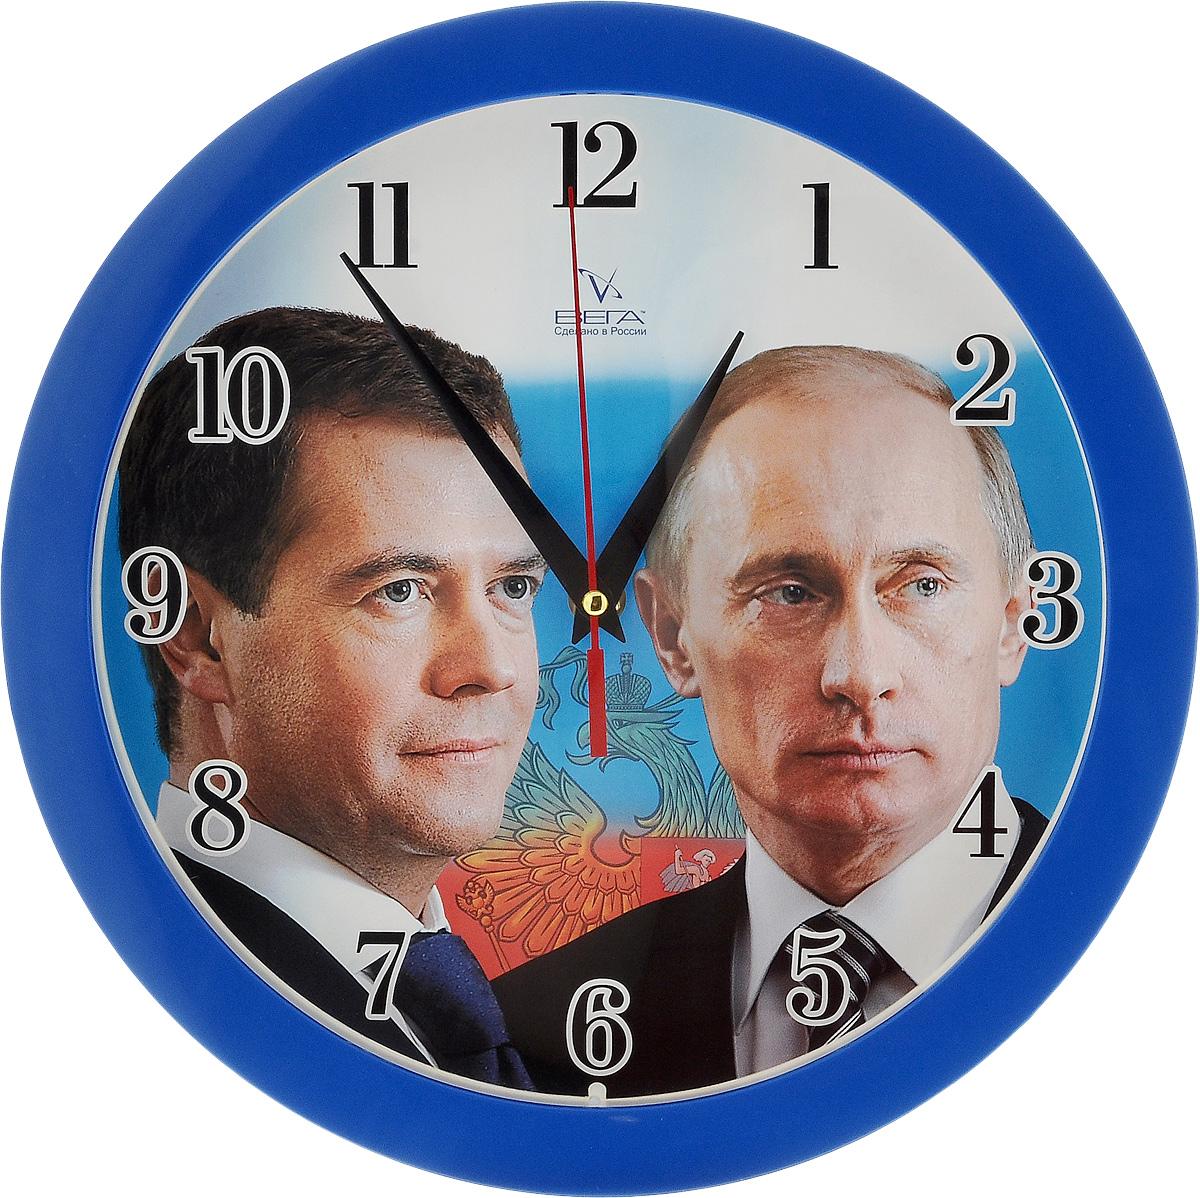 Часы настенные Вега Первые лица, диаметр 28,5 см соловьев а первые лица